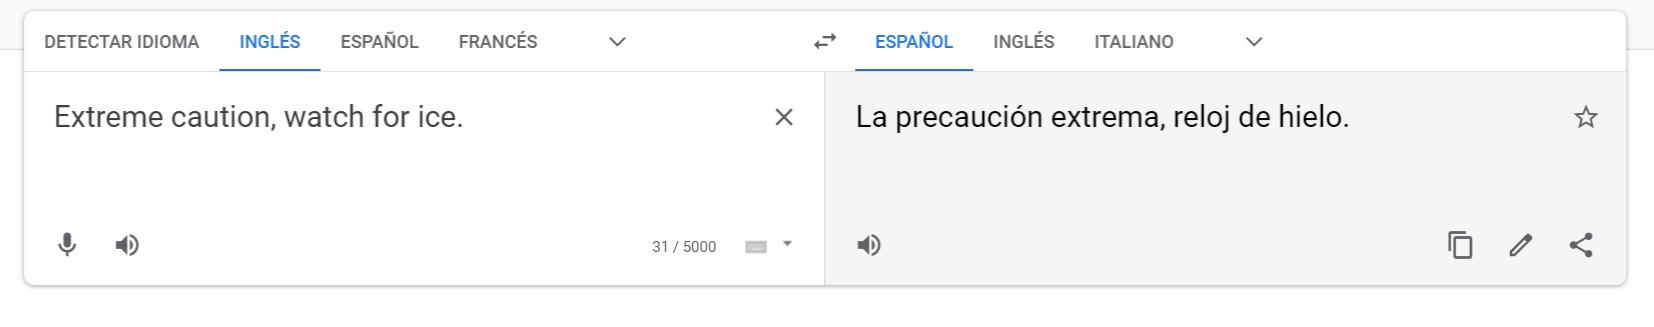 traducción erronea en Google Translate